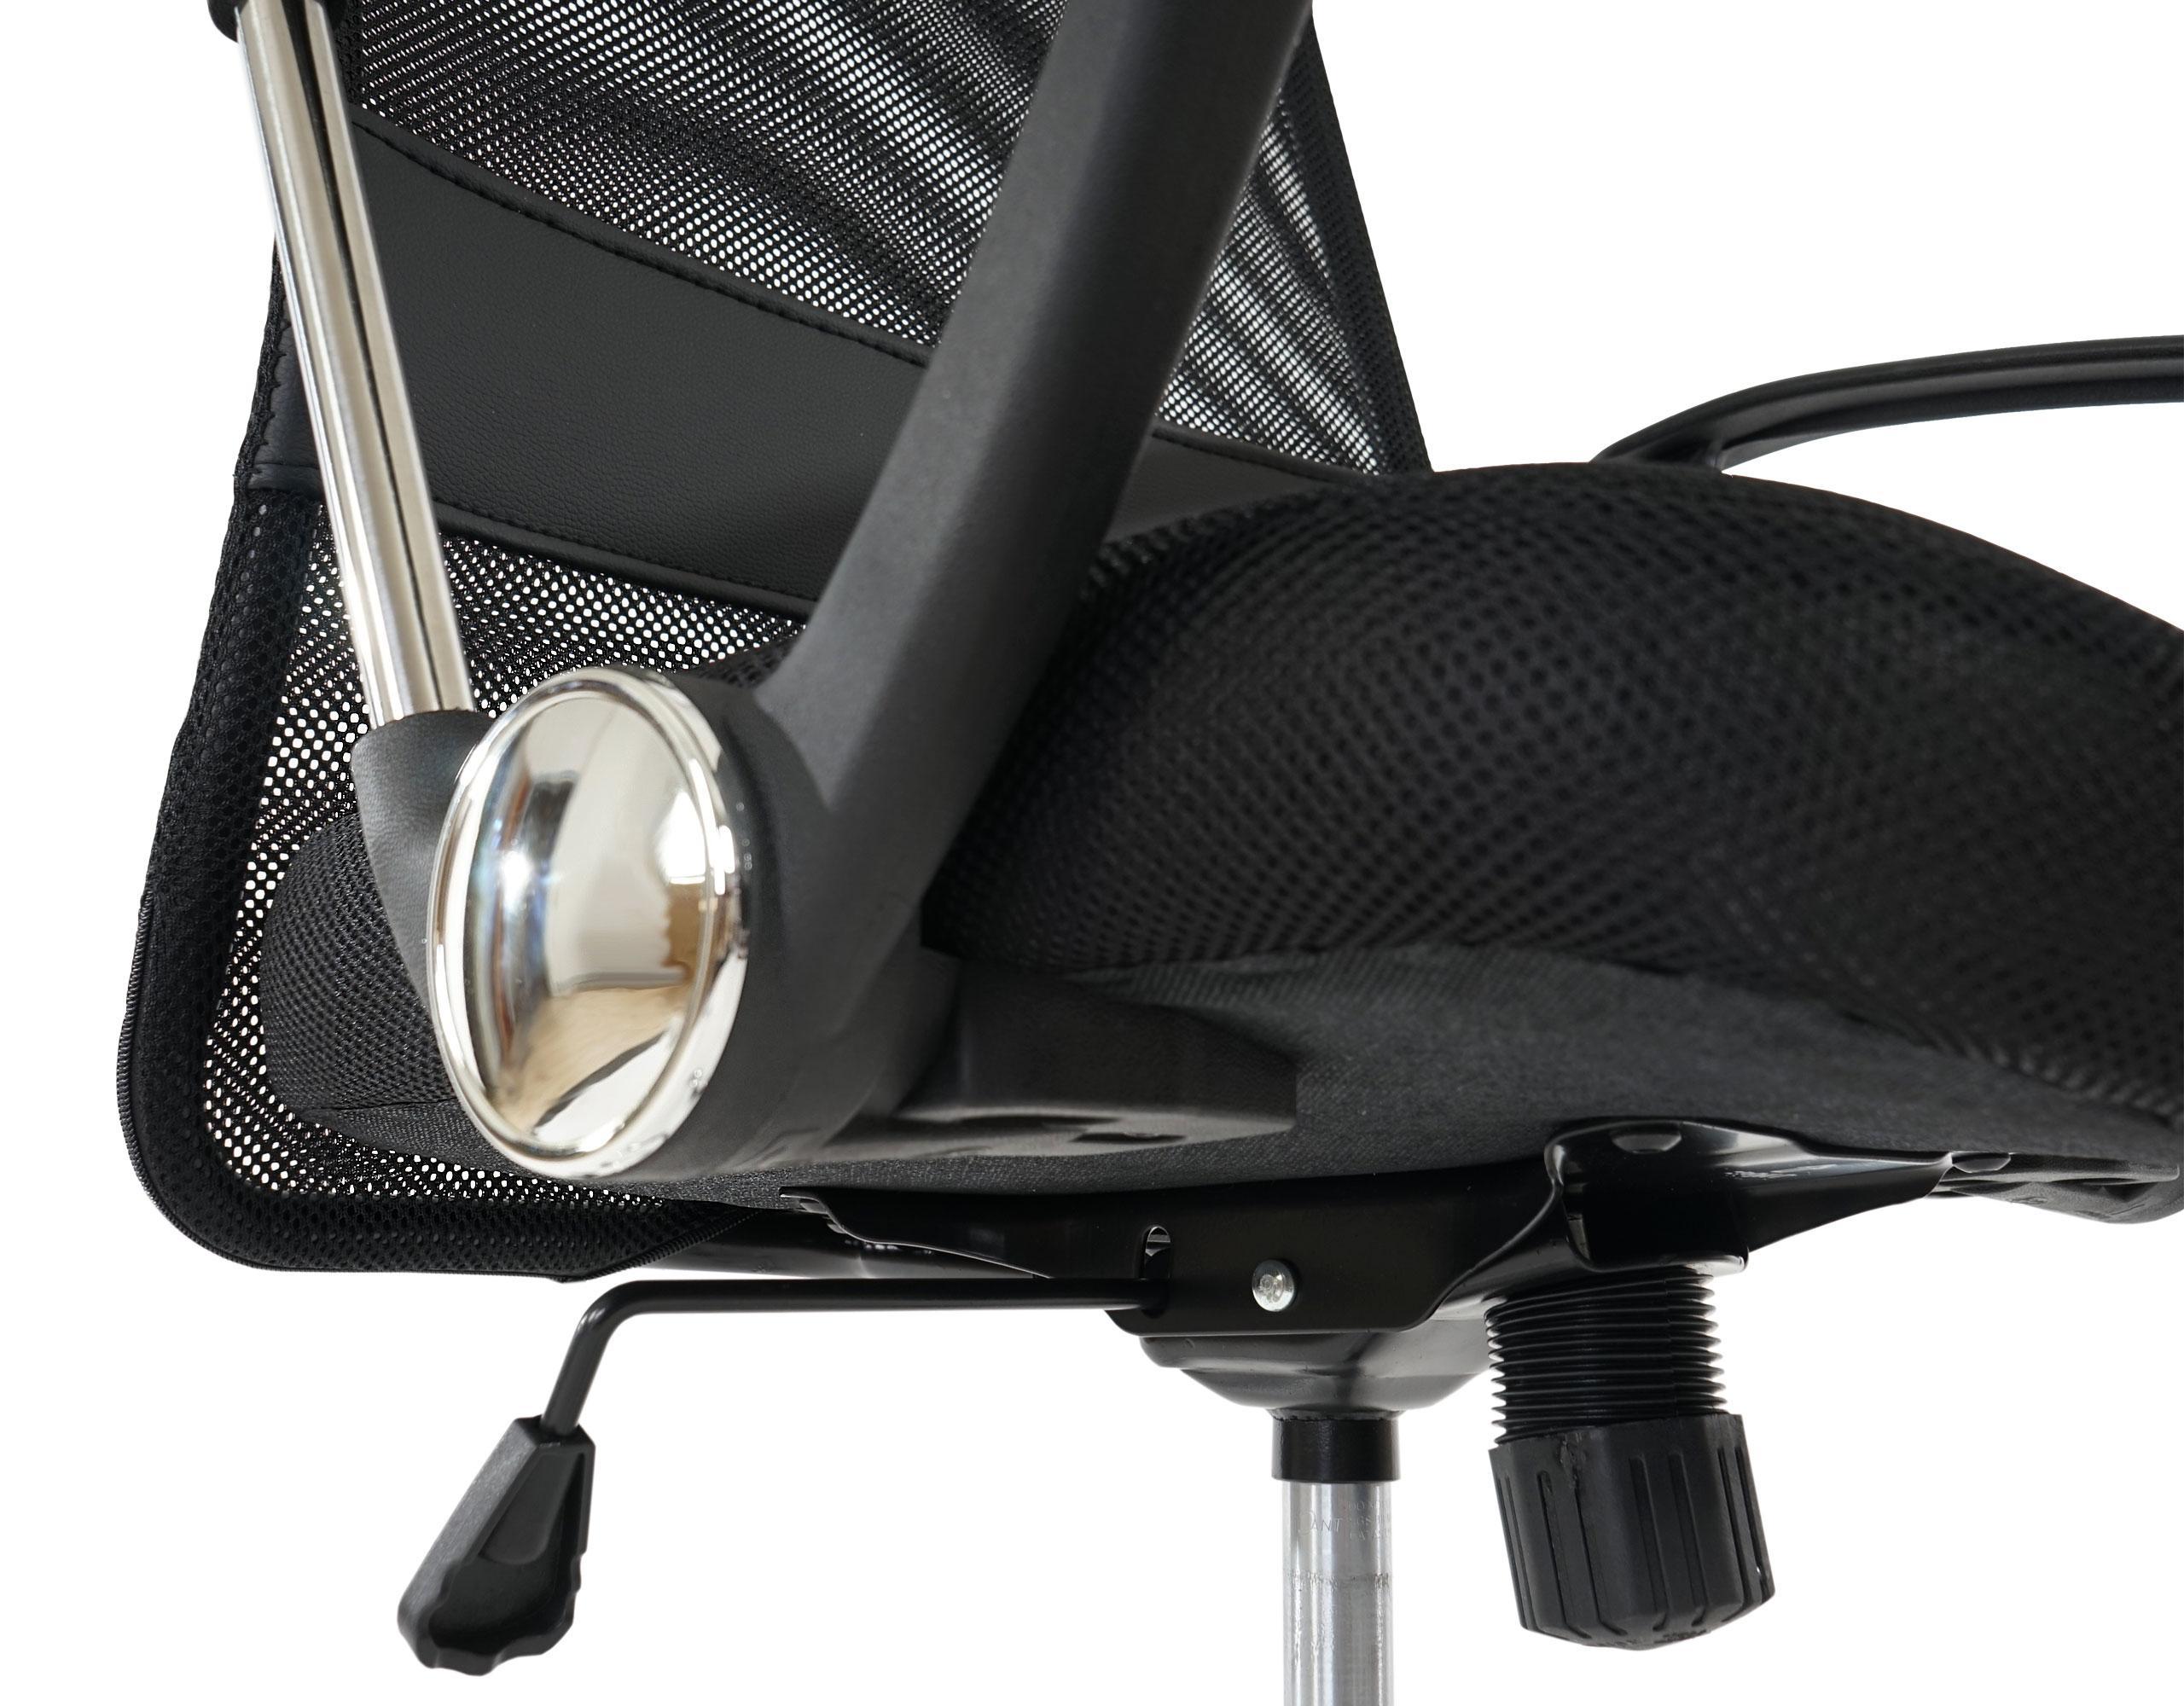 Sedie Ufficio Omologate : Sedia da ufficio arial base grande comodità al miglior prezzo in